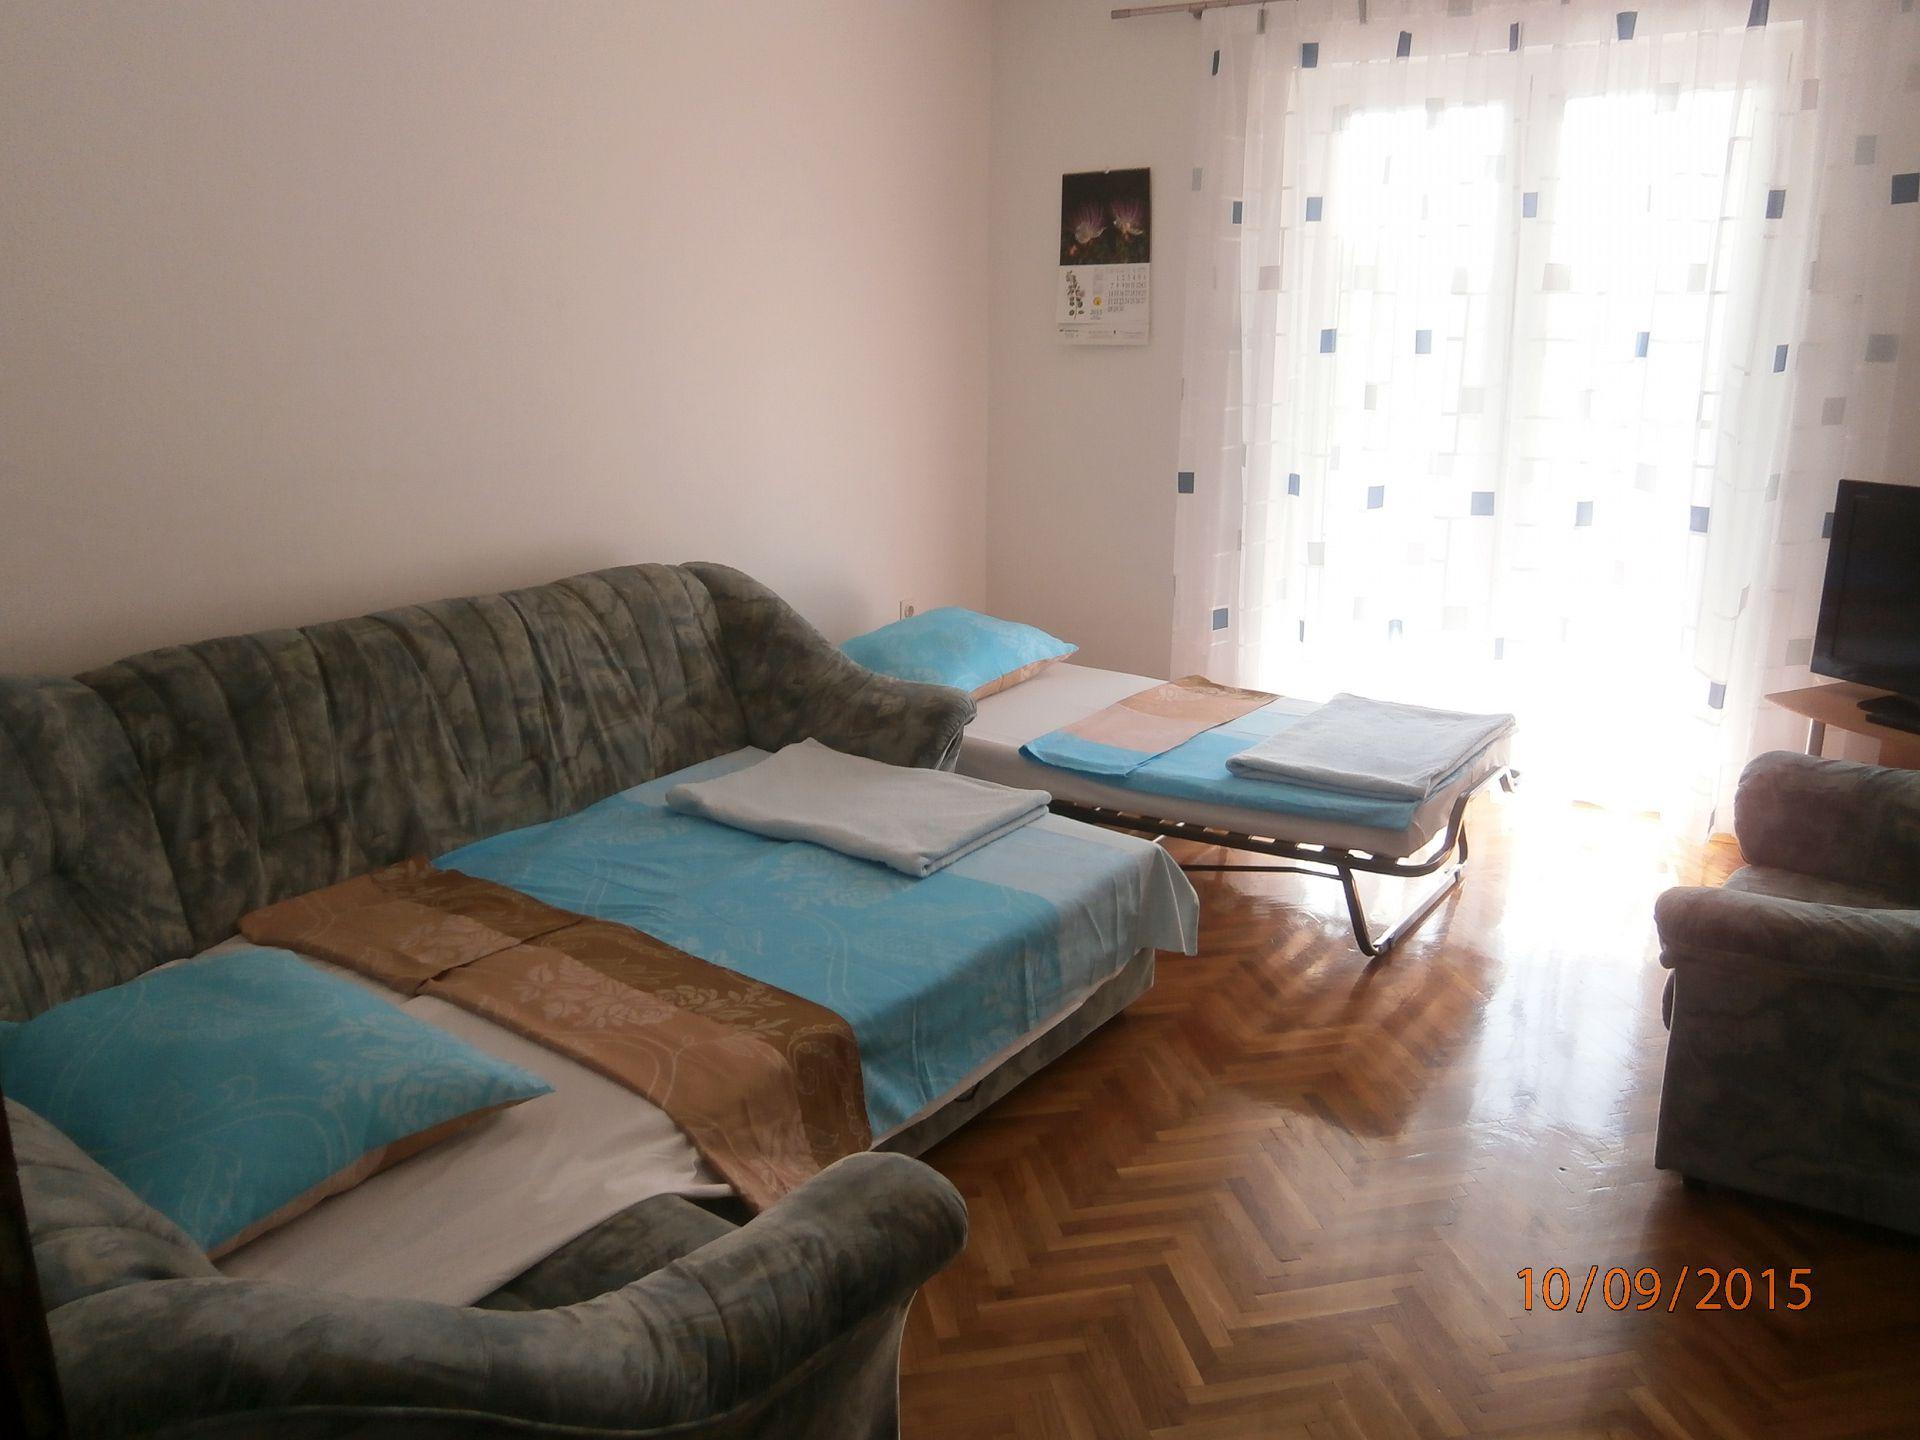 5751 - Lovran - Apartments Croatia - A1(2+2): living room